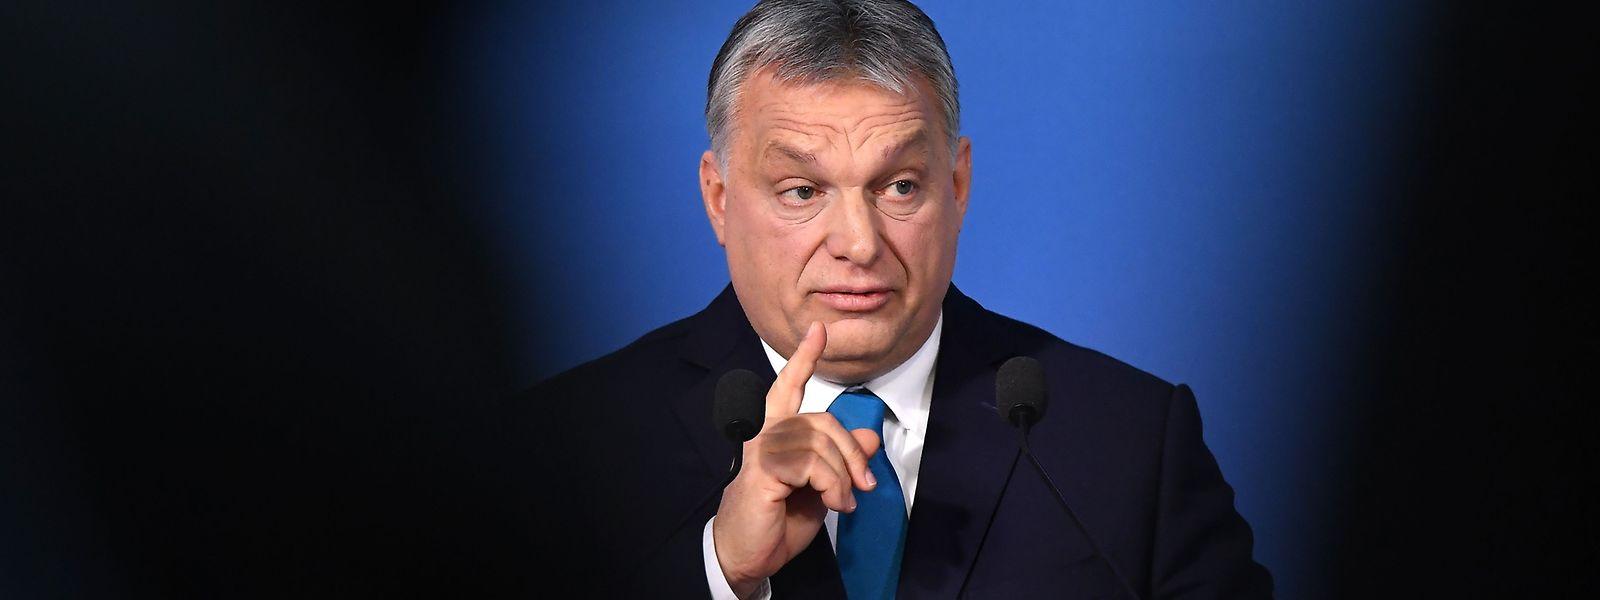 Viktor Orban und seiner Fidesz-Partei droht der Rauswurf aus der Parteifamilie der europäischen Konservativen.